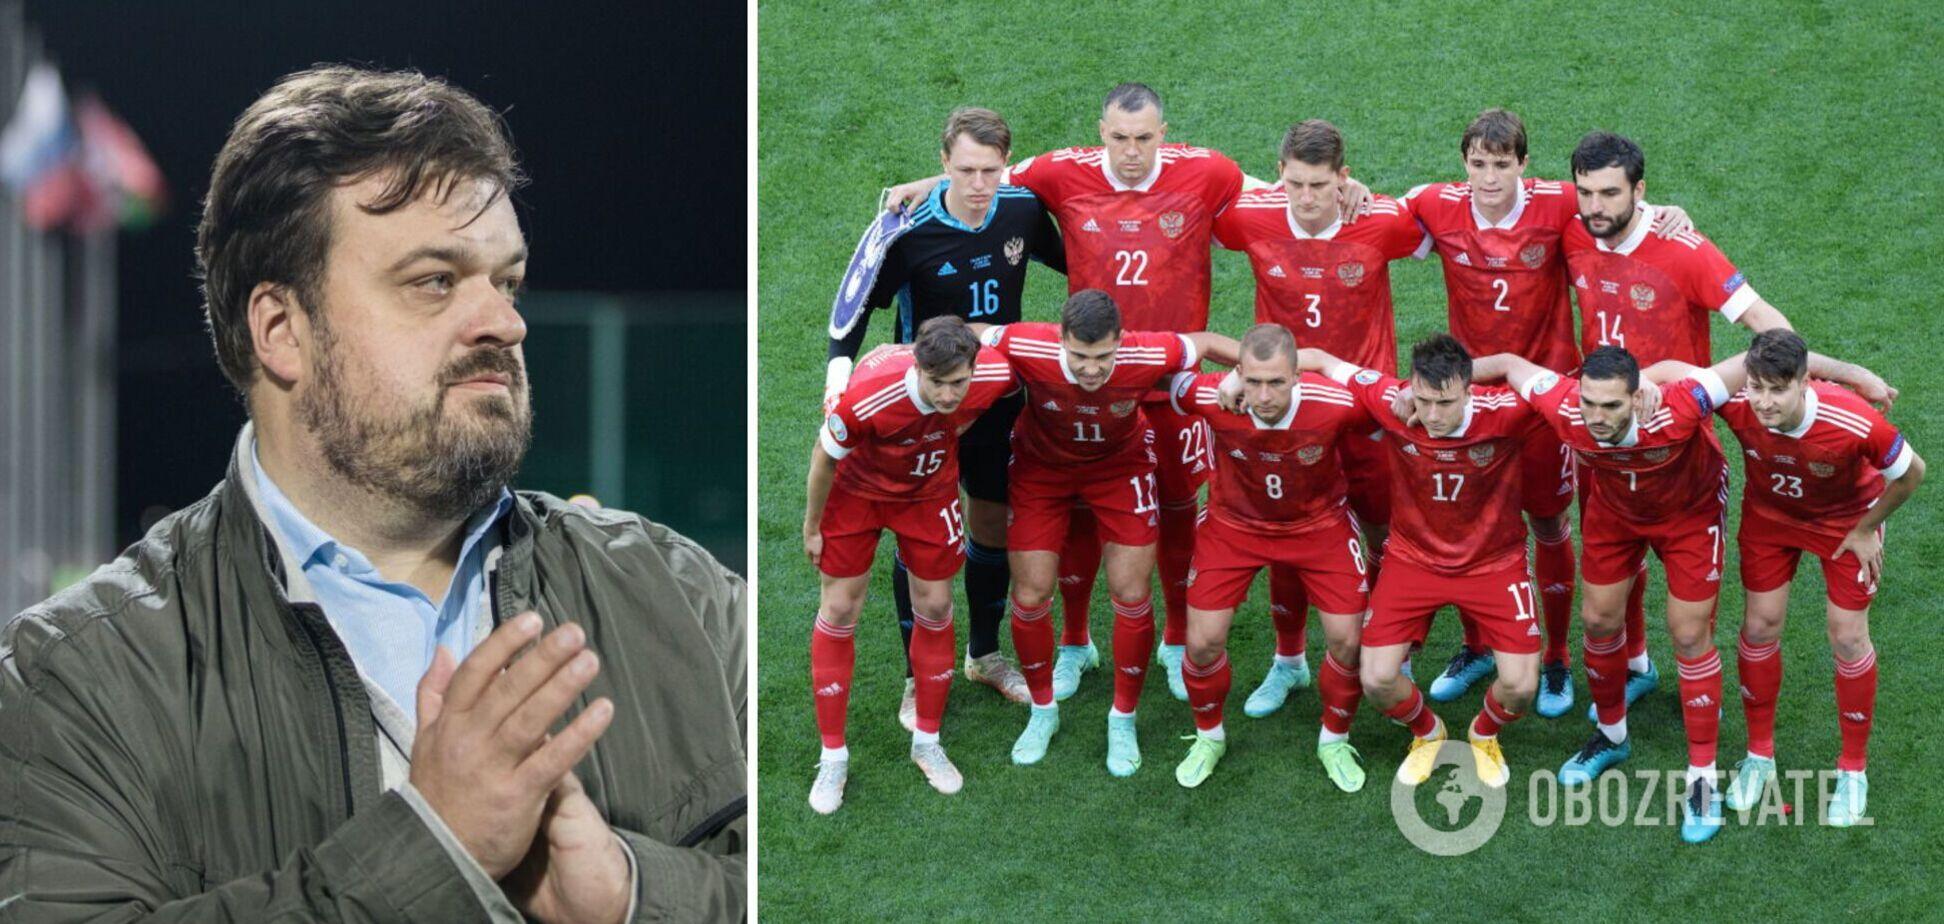 Уткин признал, что сборная Дании сильнее, чем Россия.